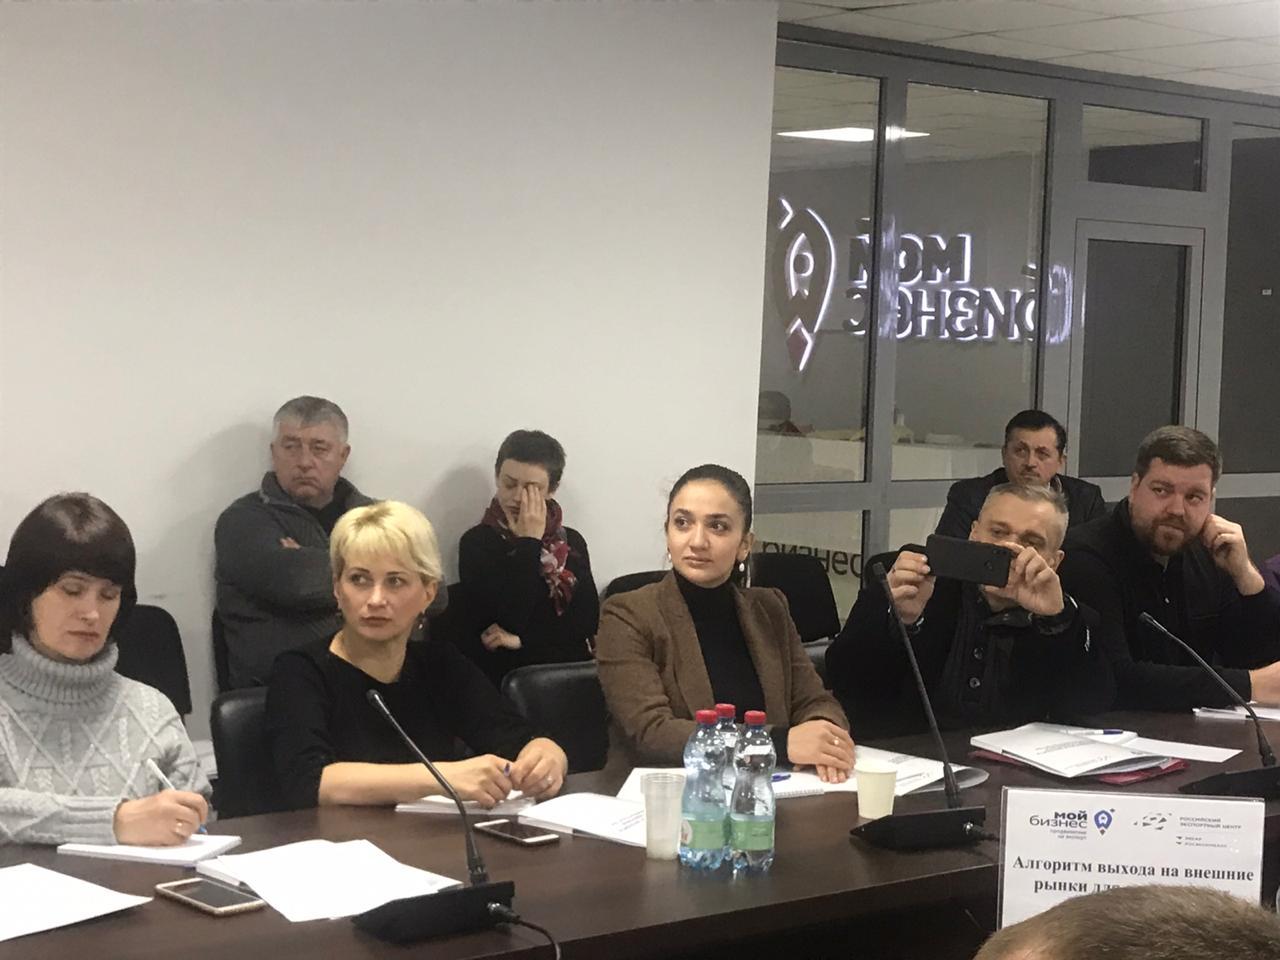 13-14 декабря 2019 года Центром поддержки экспорта Фонда поддержки предпринимательства организован и проведен семинар для субъектов малого и среднего предпринимательства Республики Северная Осетия-Алания «Продукты группы Российского экспортного центра».